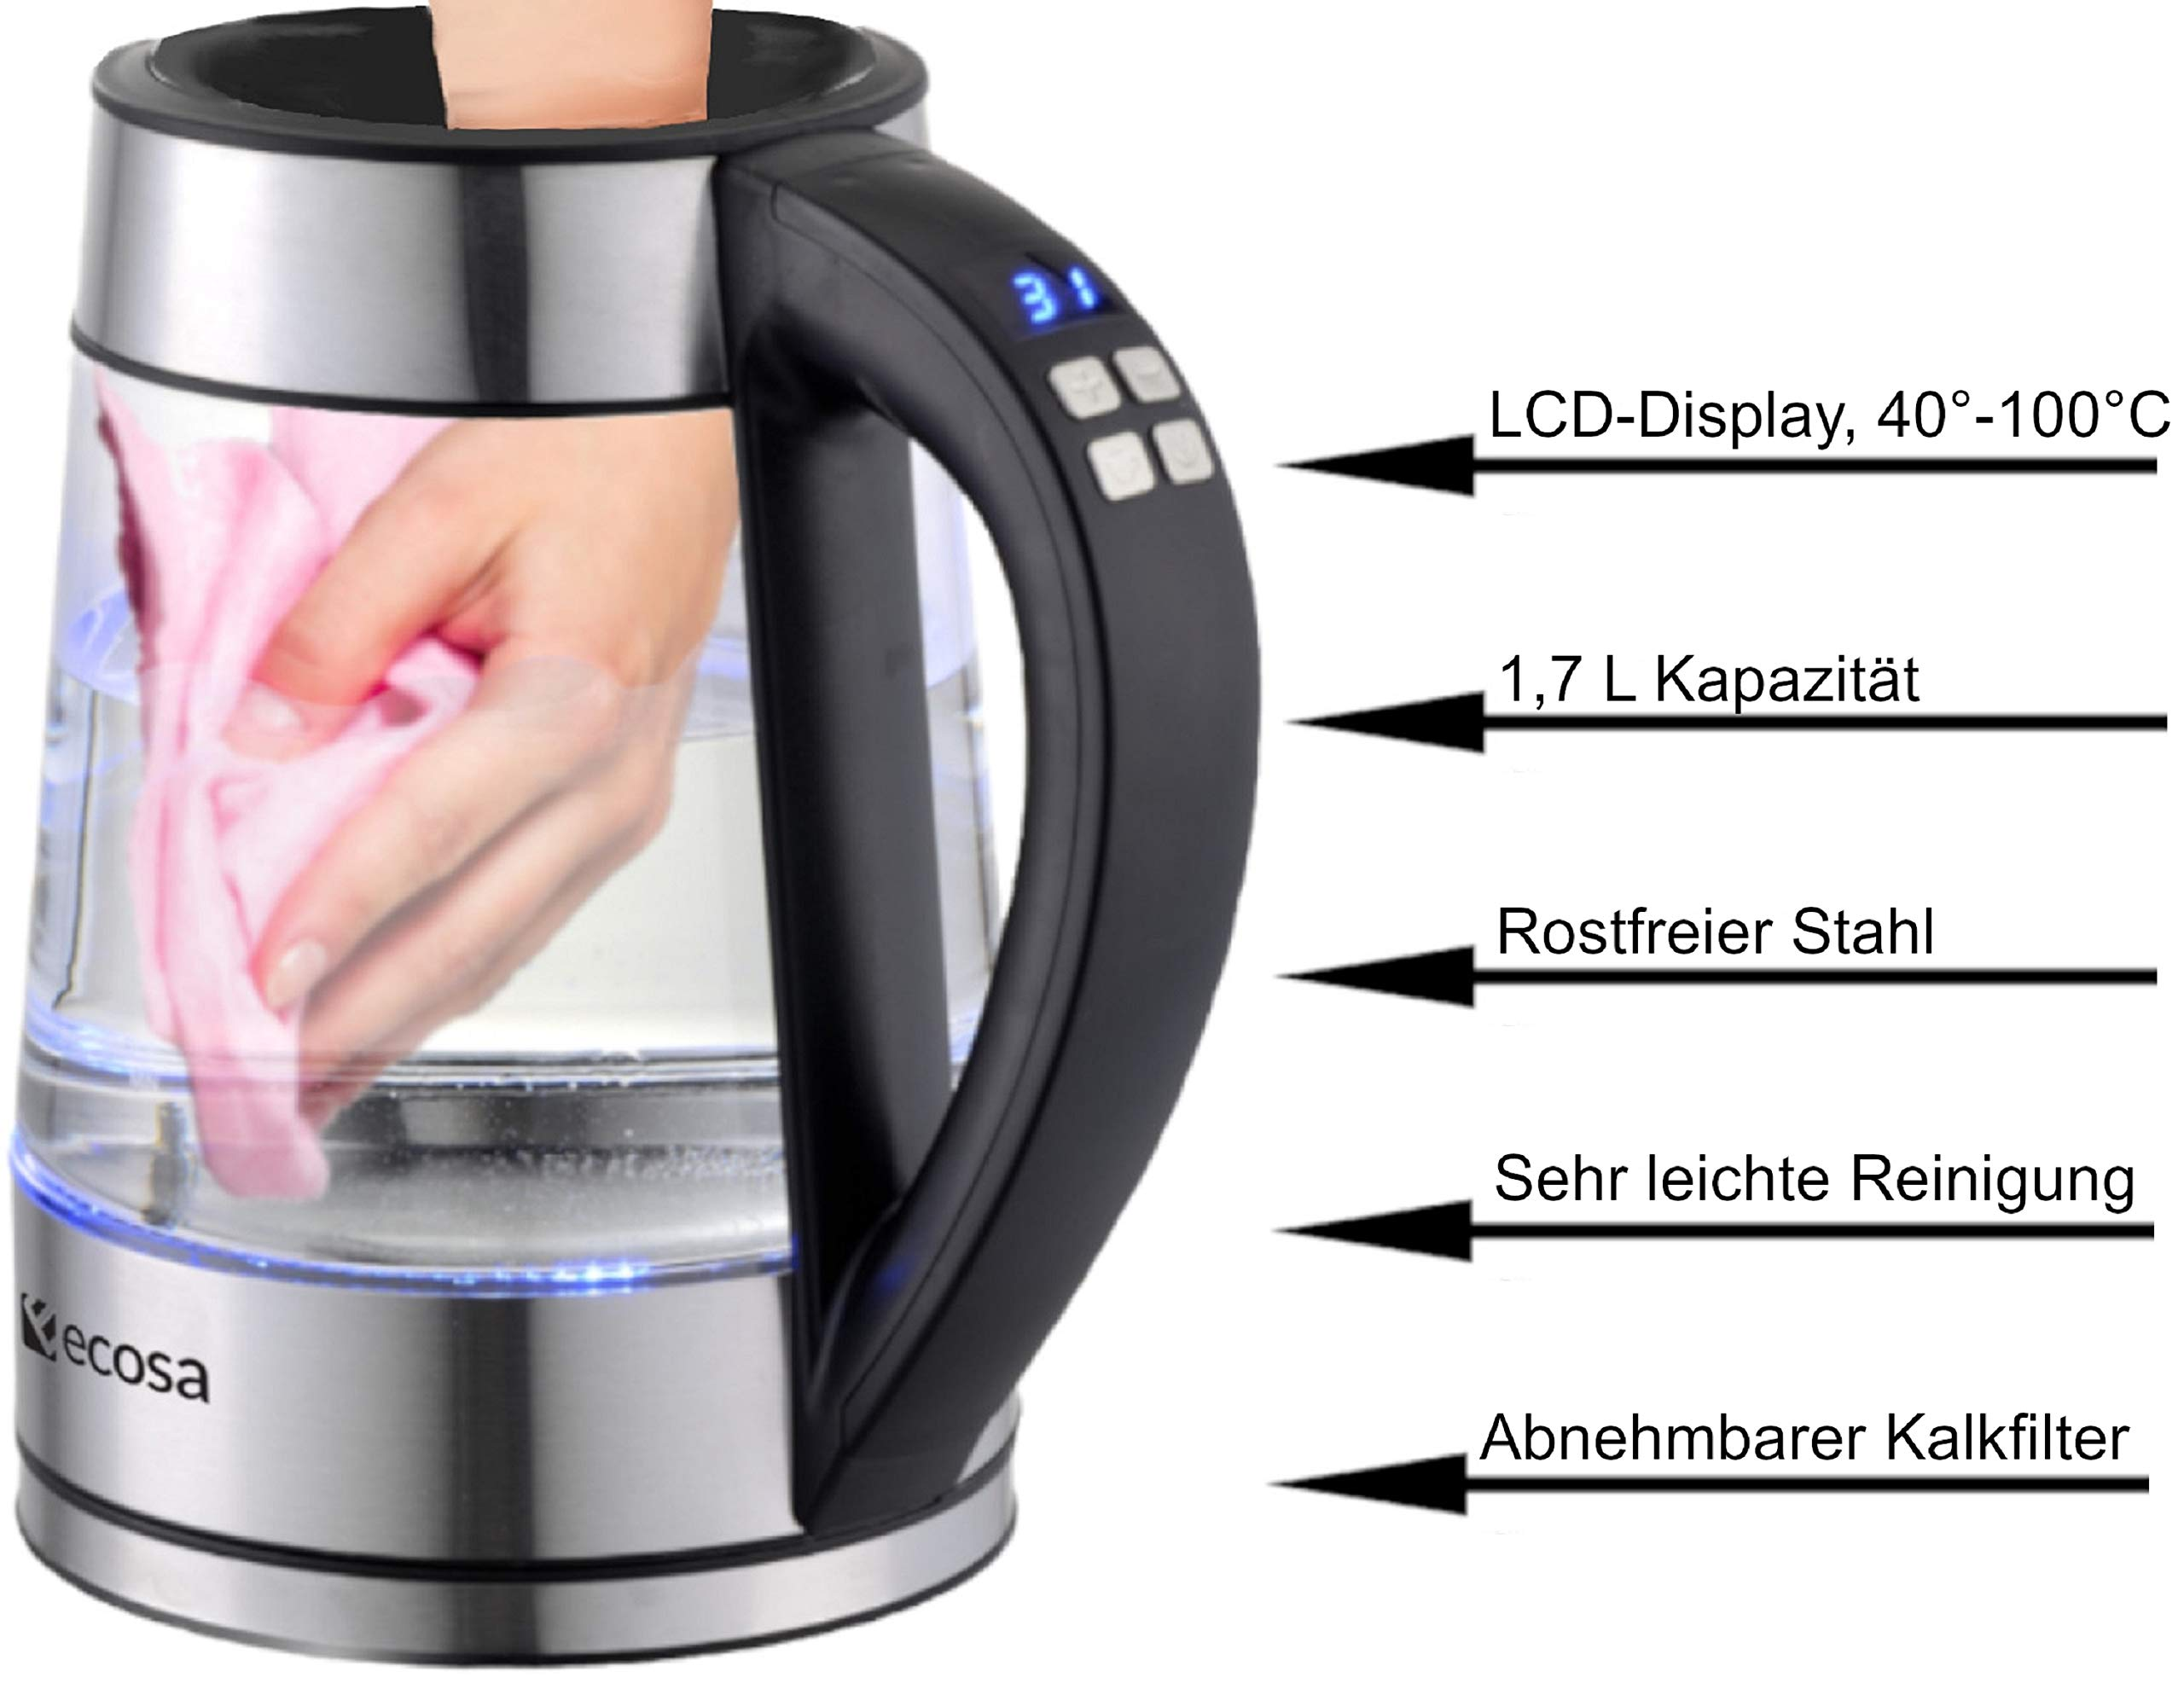 Glas-Wasserkocher-17-Liter-2200-Watt-Edelstahl-mit-Temperaturwahl-Teekocher-100-BPA-FREI-Warmhaltefunktion-LED-Beleuchtung-im-Farbwechsel-Temperatureinstellung-40C-100C